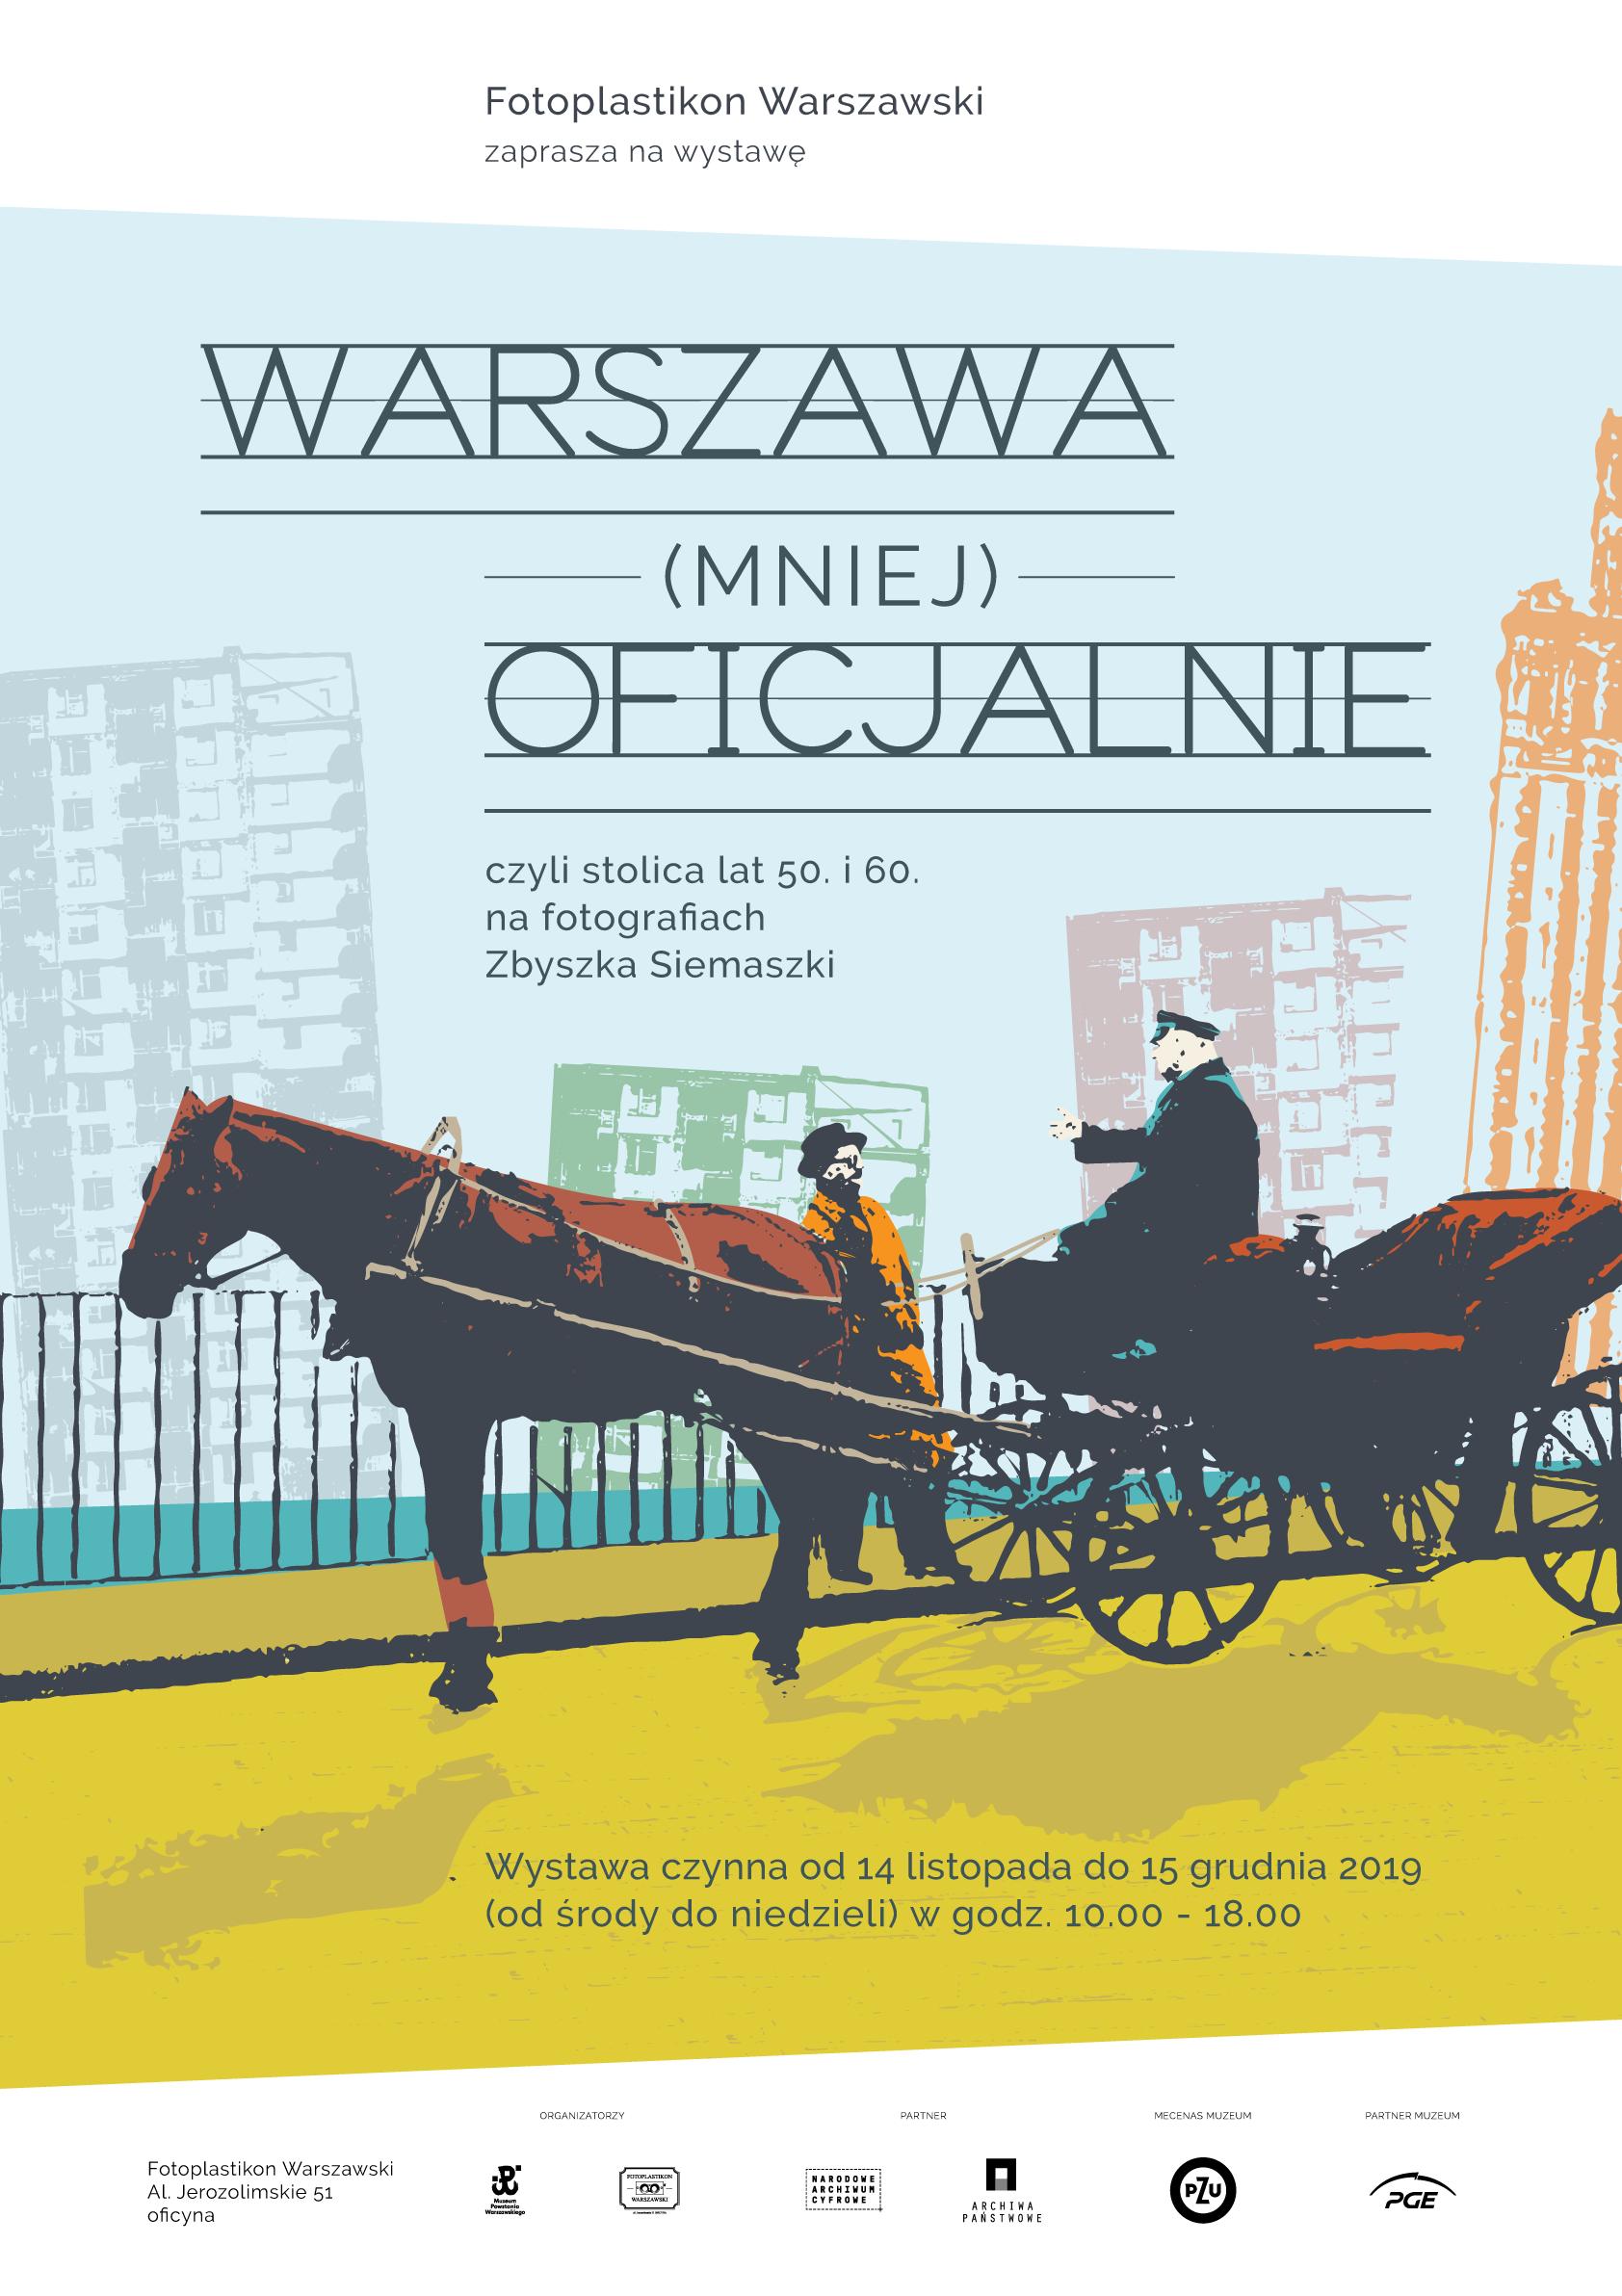 Fotoplastikon-Warszawa-Siemaszko